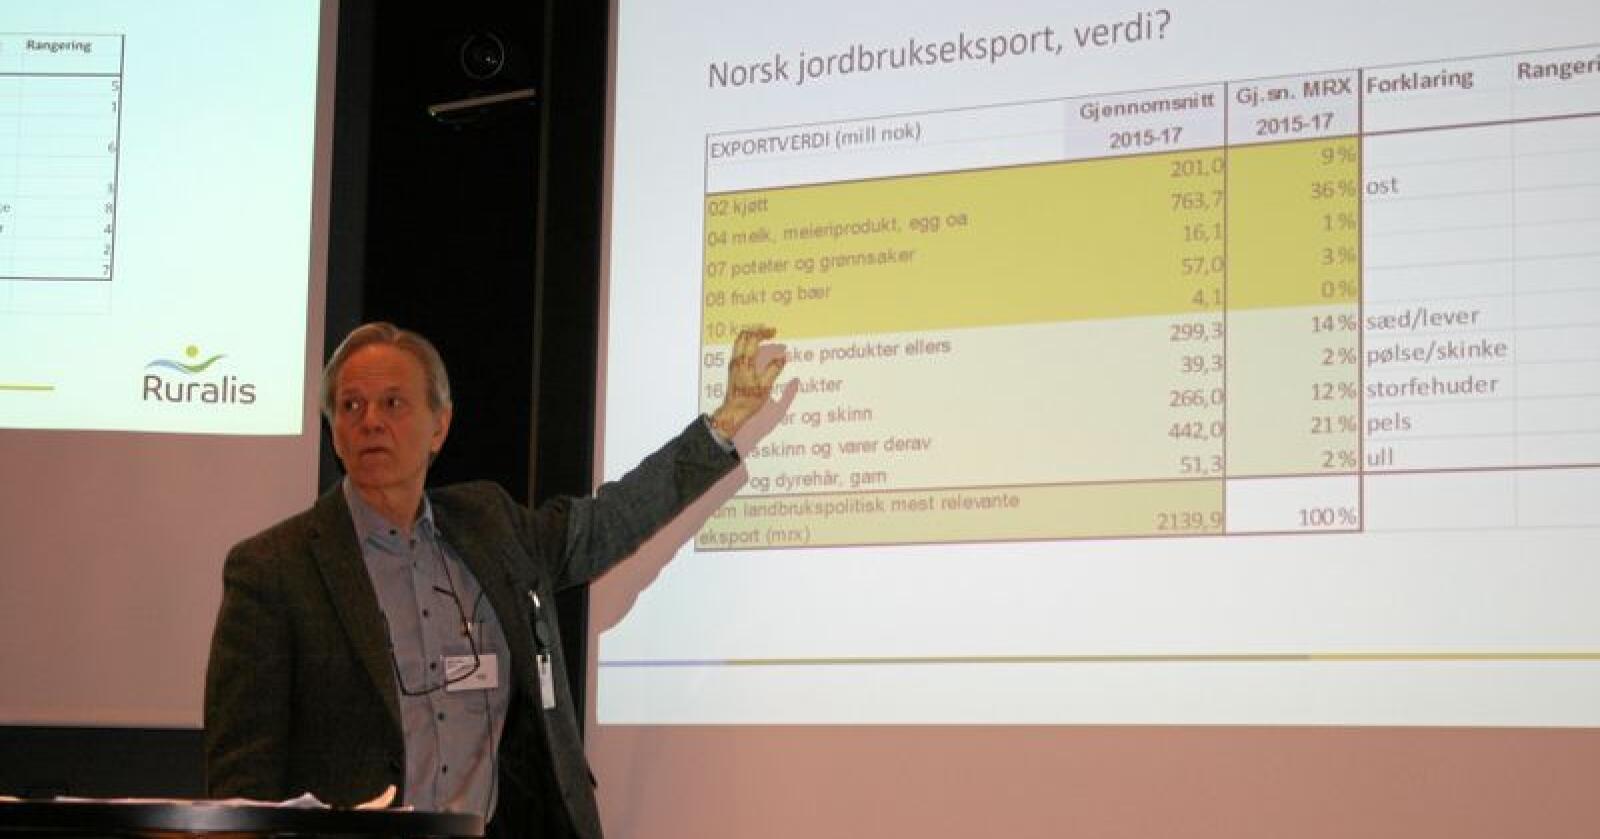 Eksportverdi: Bjørn Eidem, prosjektleiar i Ruralis, varslar kraftig fall i eksporten av jordbruksvarer når regjeringa vil forby hald av pelsdyr og fjerne eksportstøtta for ost. Foto: Bjarne Bekkeheien Aase